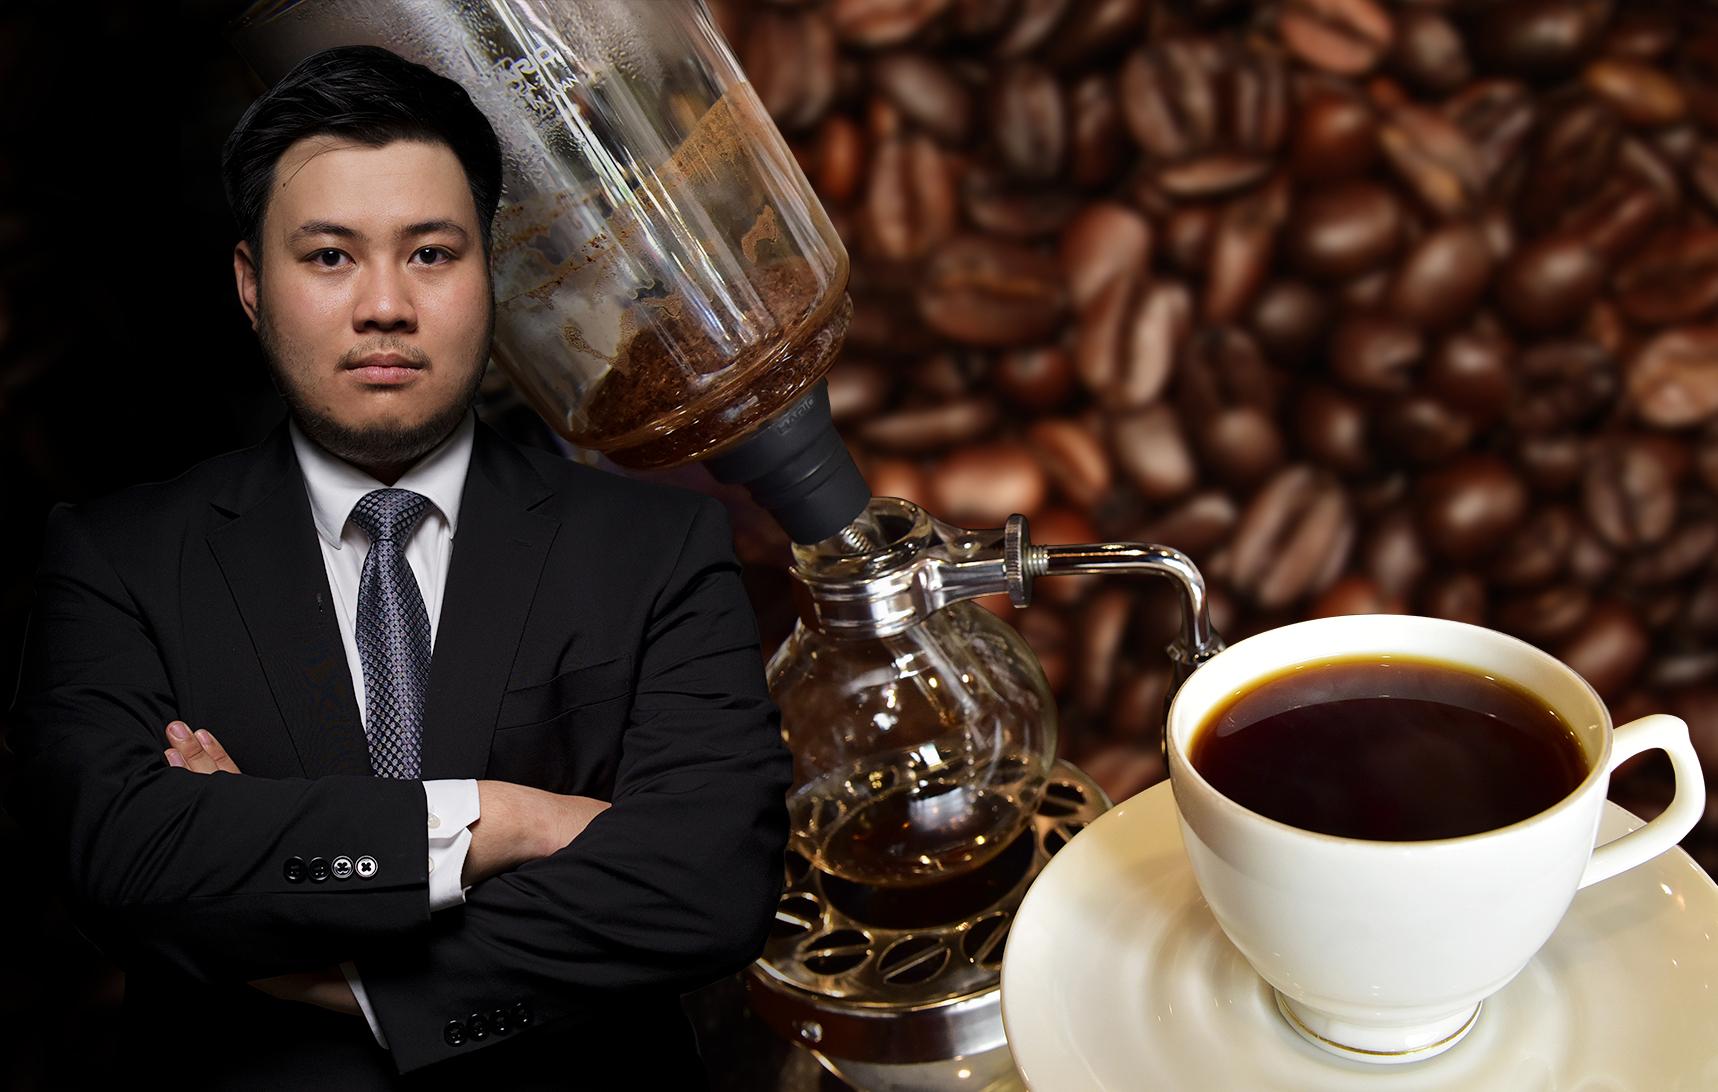 Lãnh đạo PAN: Đầu tư vào Shin Cà phê vì trân trọng giá trị của thất bại